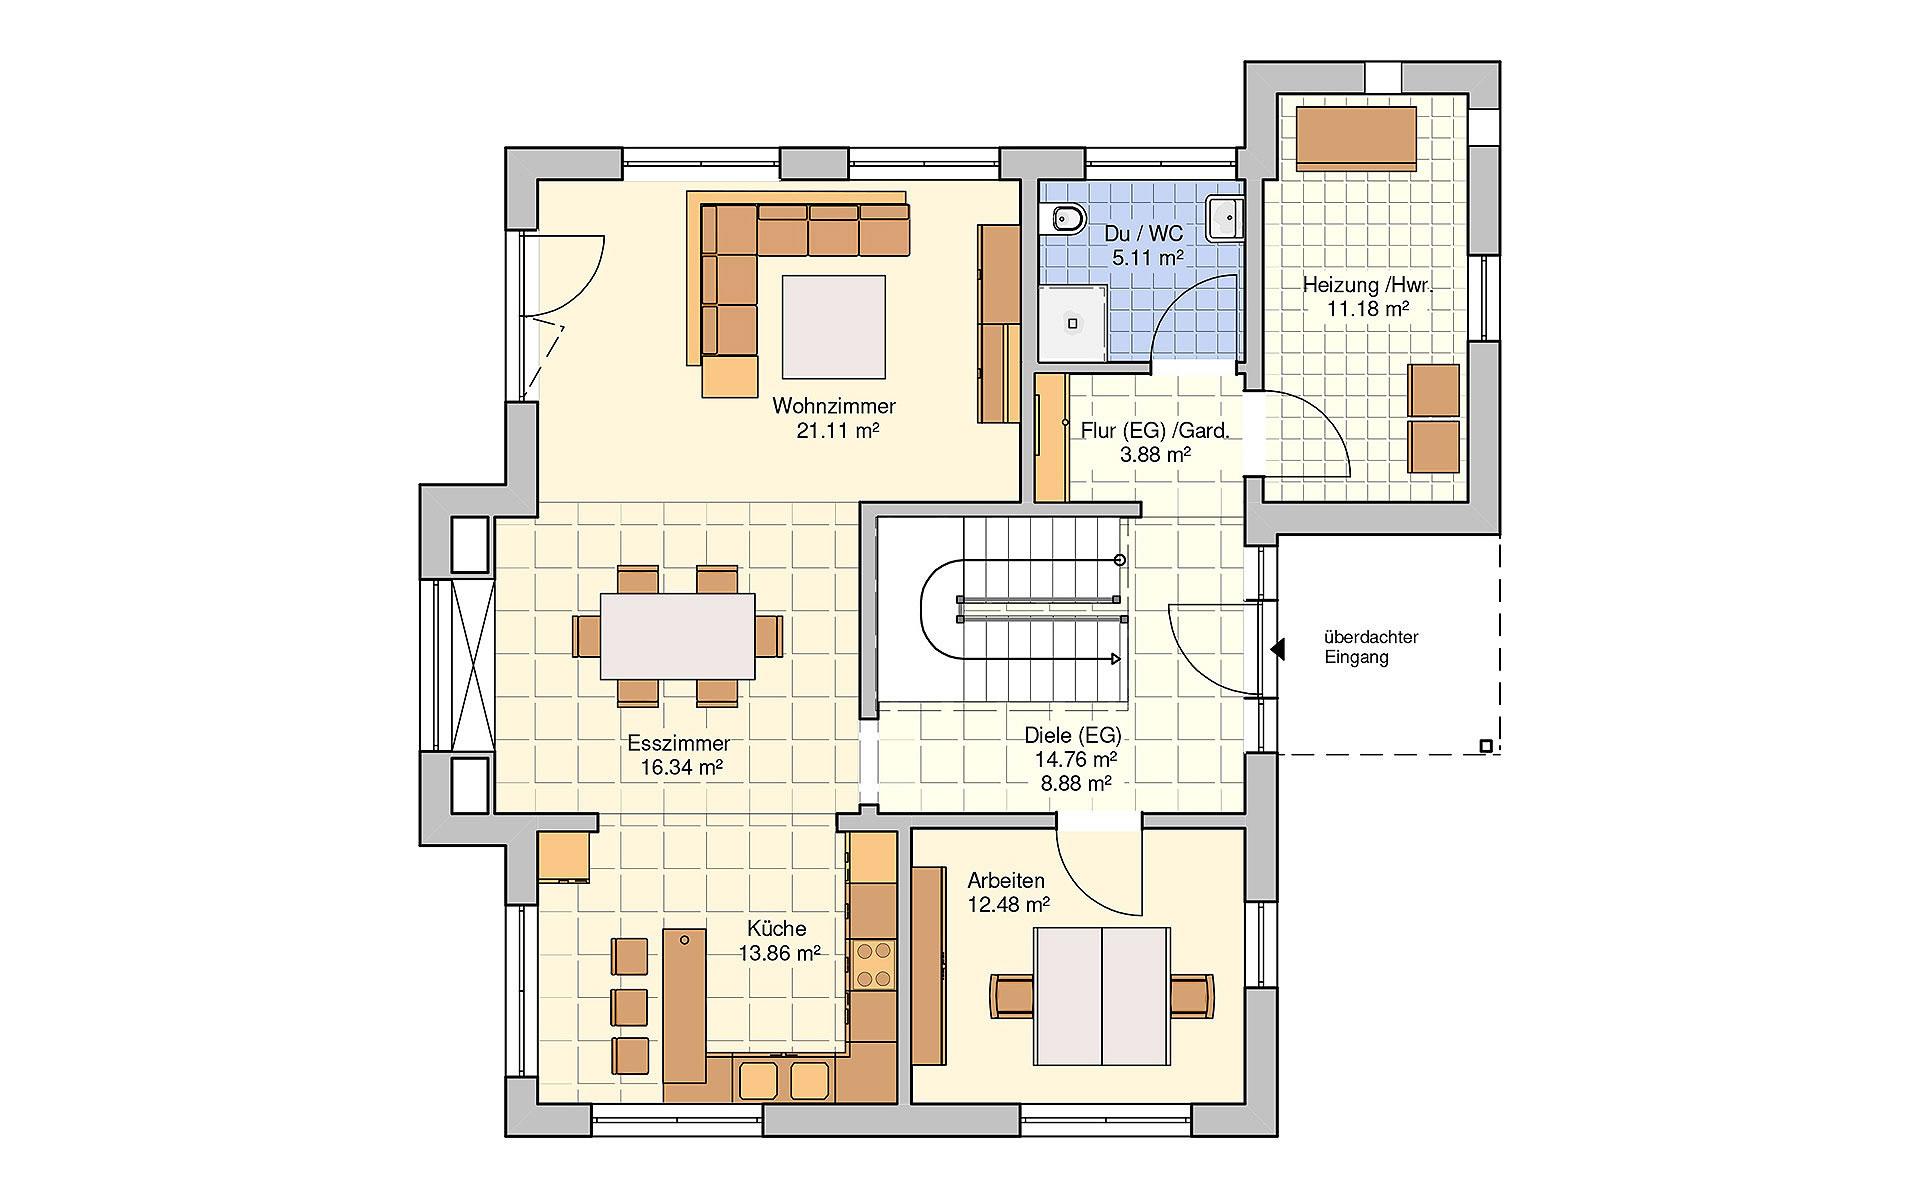 Erdgeschoss Günzburg (Musterhaus) von Fingerhut Haus GmbH & Co. KG